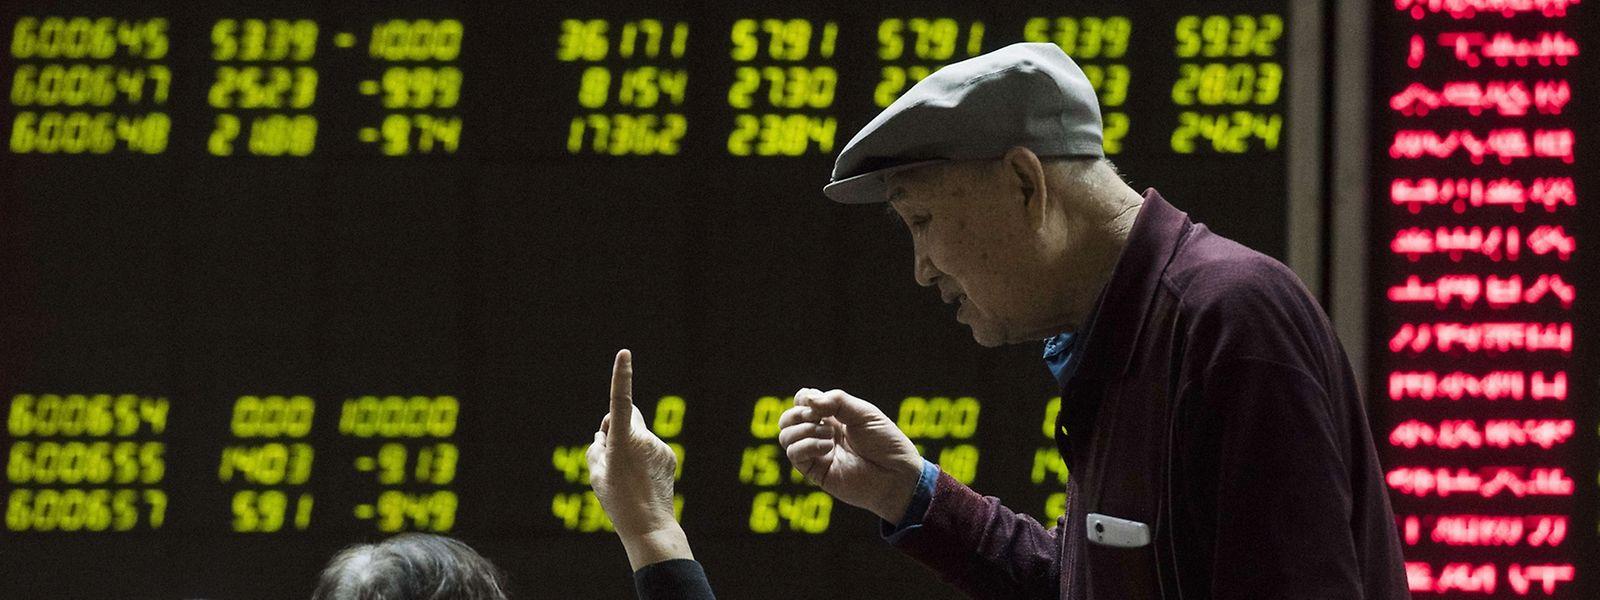 Die Aktieneuphorie der Chinesen hat ganz bestimmt zur Börsenblase beigetragen.